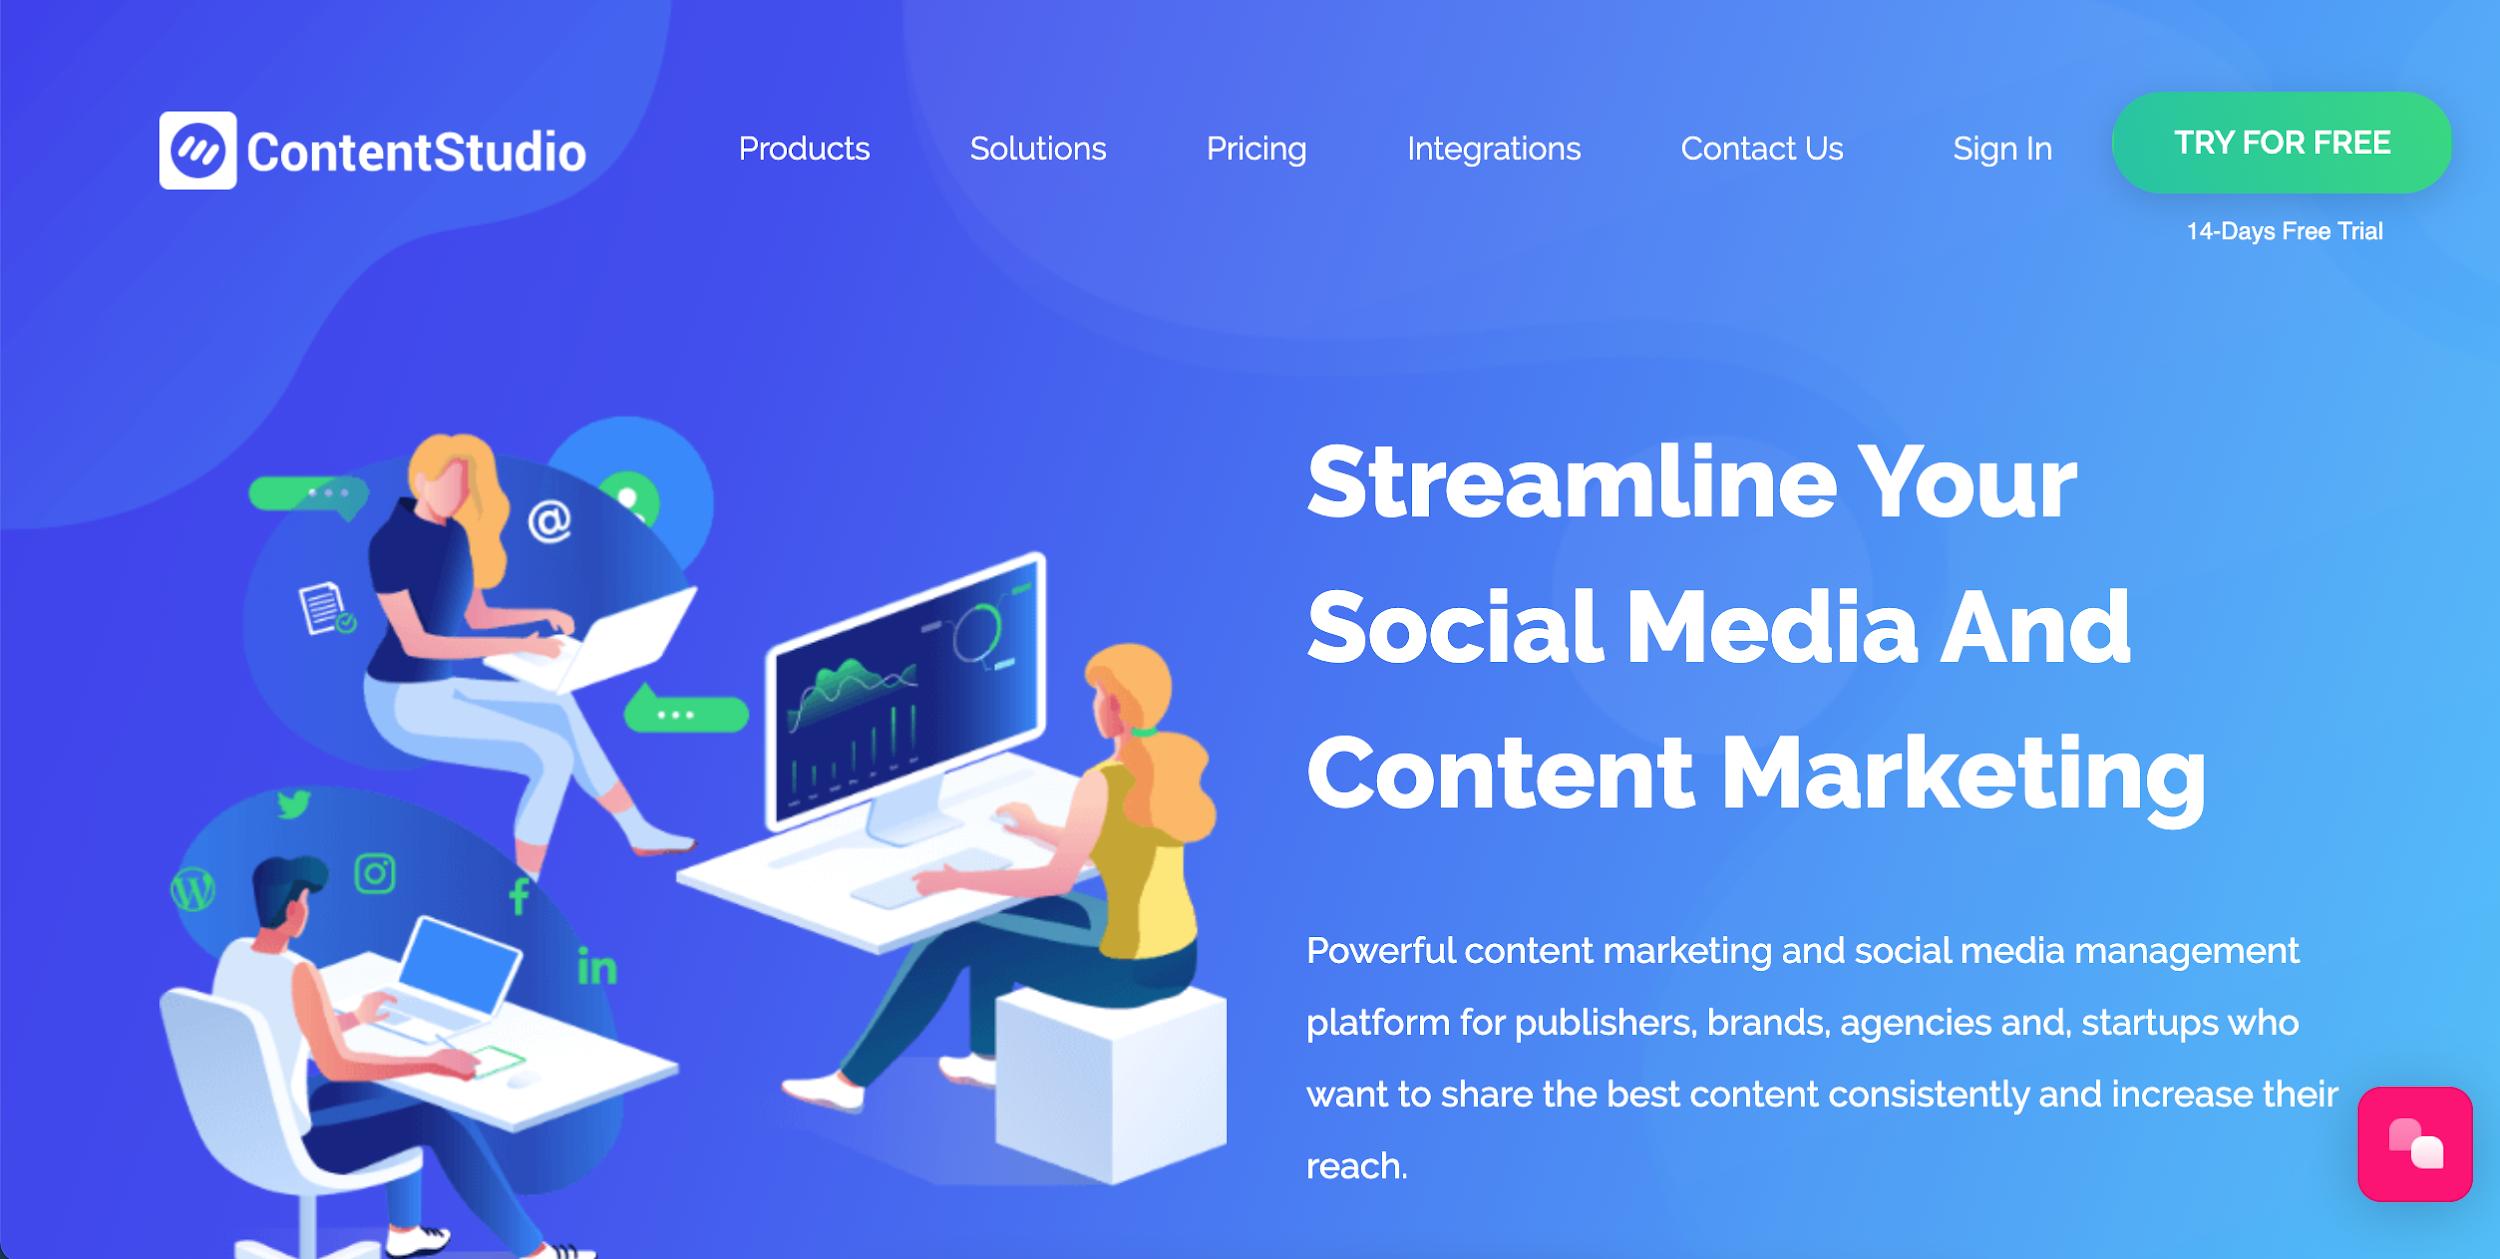 contentstudio essential affiliate marketing tool